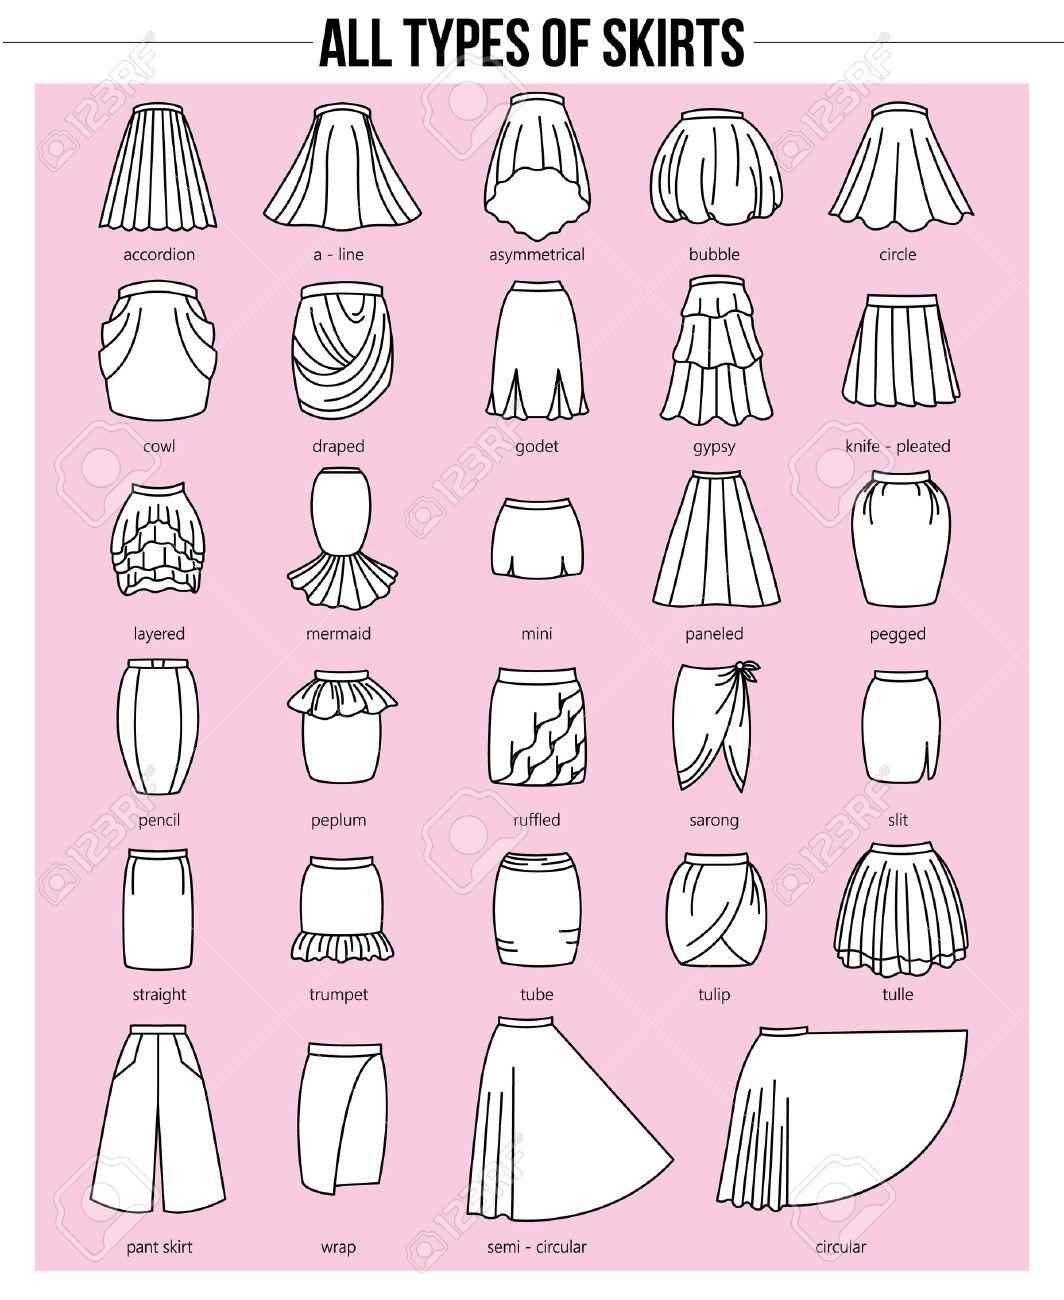 ピンクの背景にスカートのさまざまな種類のセットですシンプルな